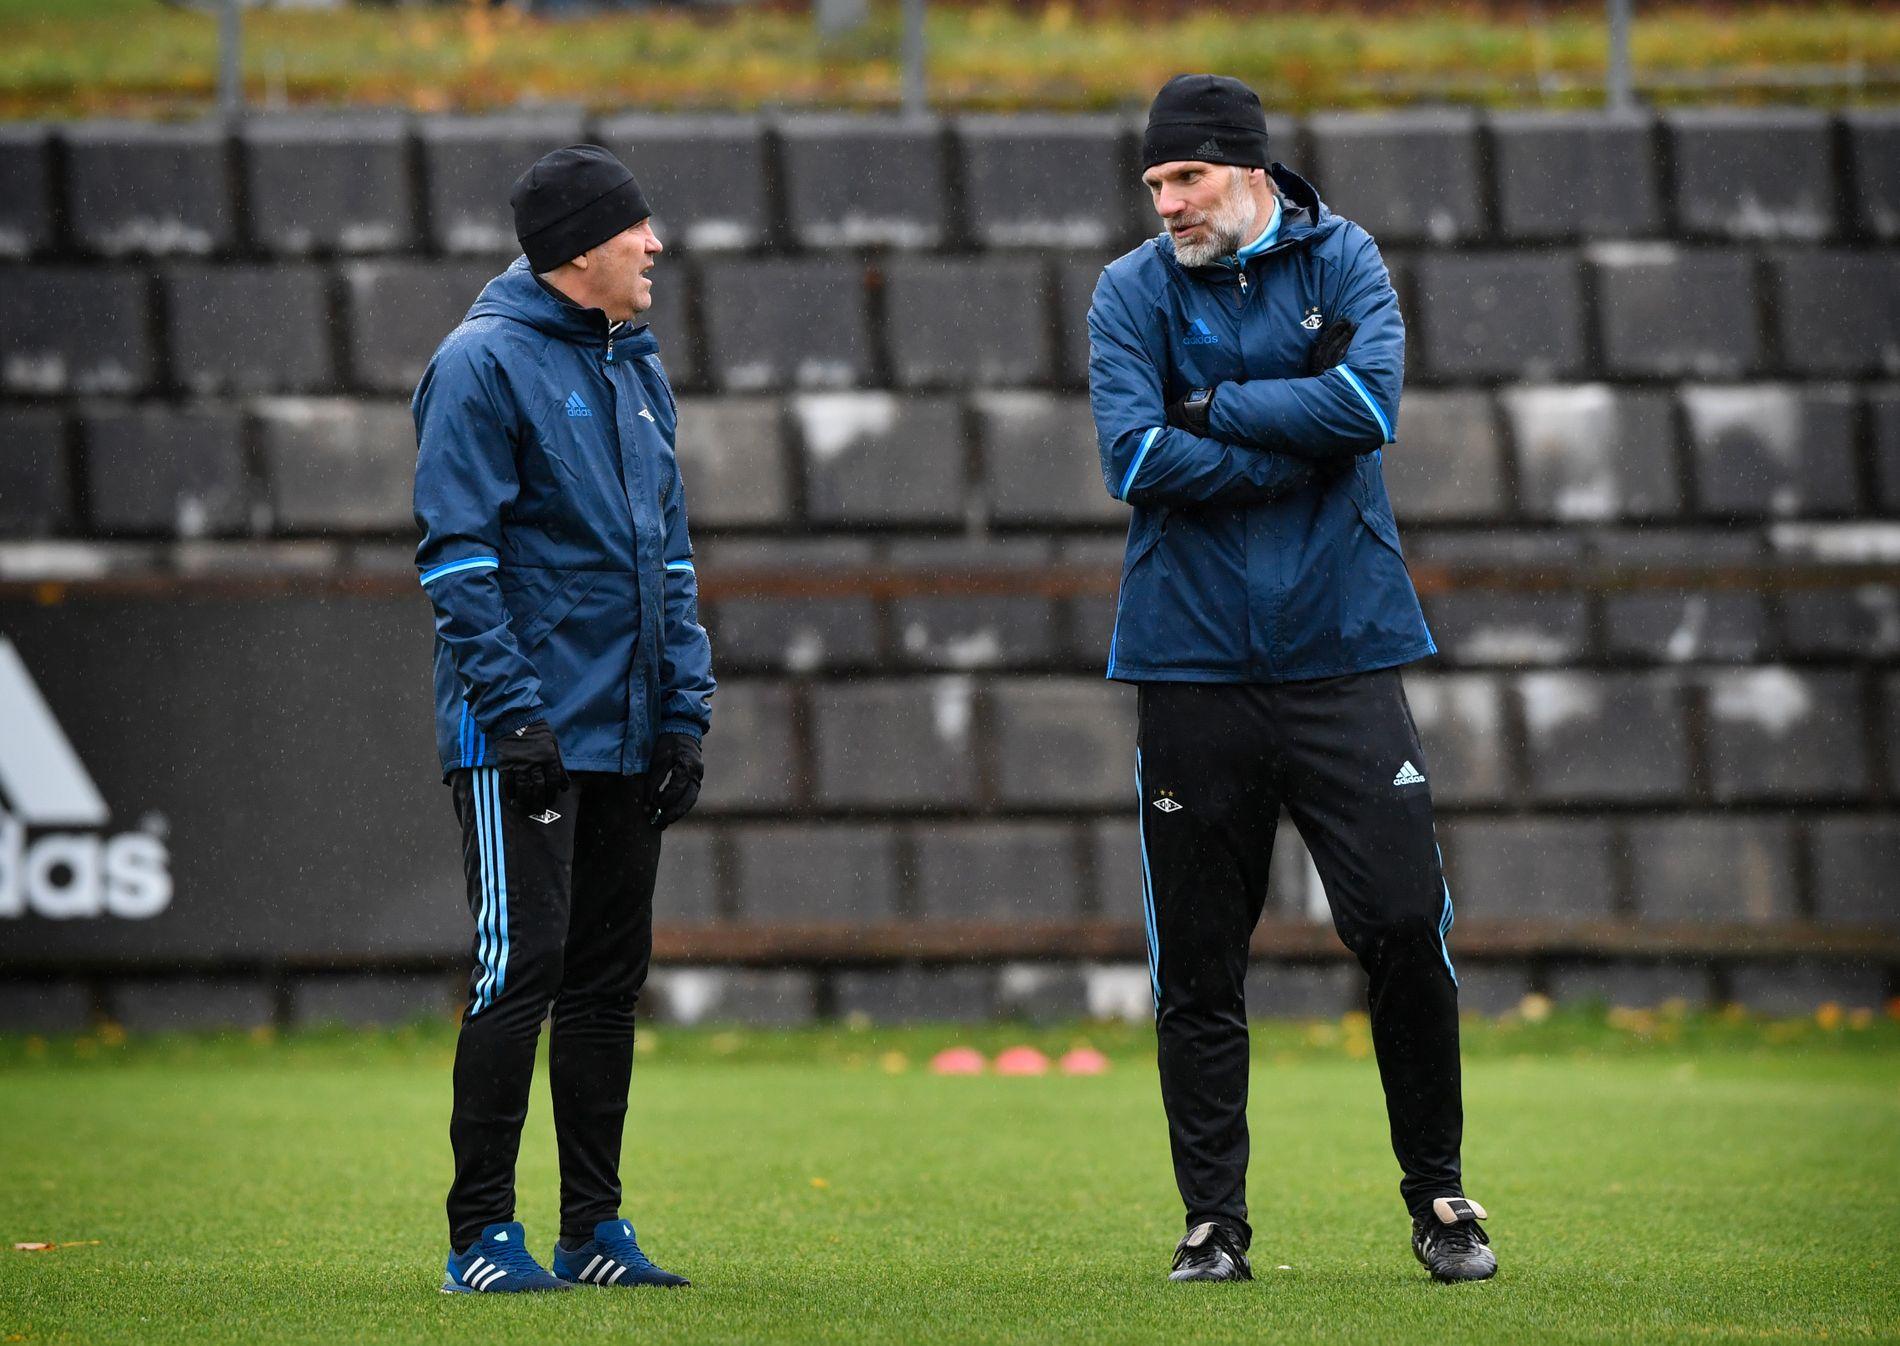 TAKK OG FARVEL: Kåre Ingebrigtsen og Erik Hoftun ble torsdag sparket i RBK. Her fra en tidligere treningsøkt.